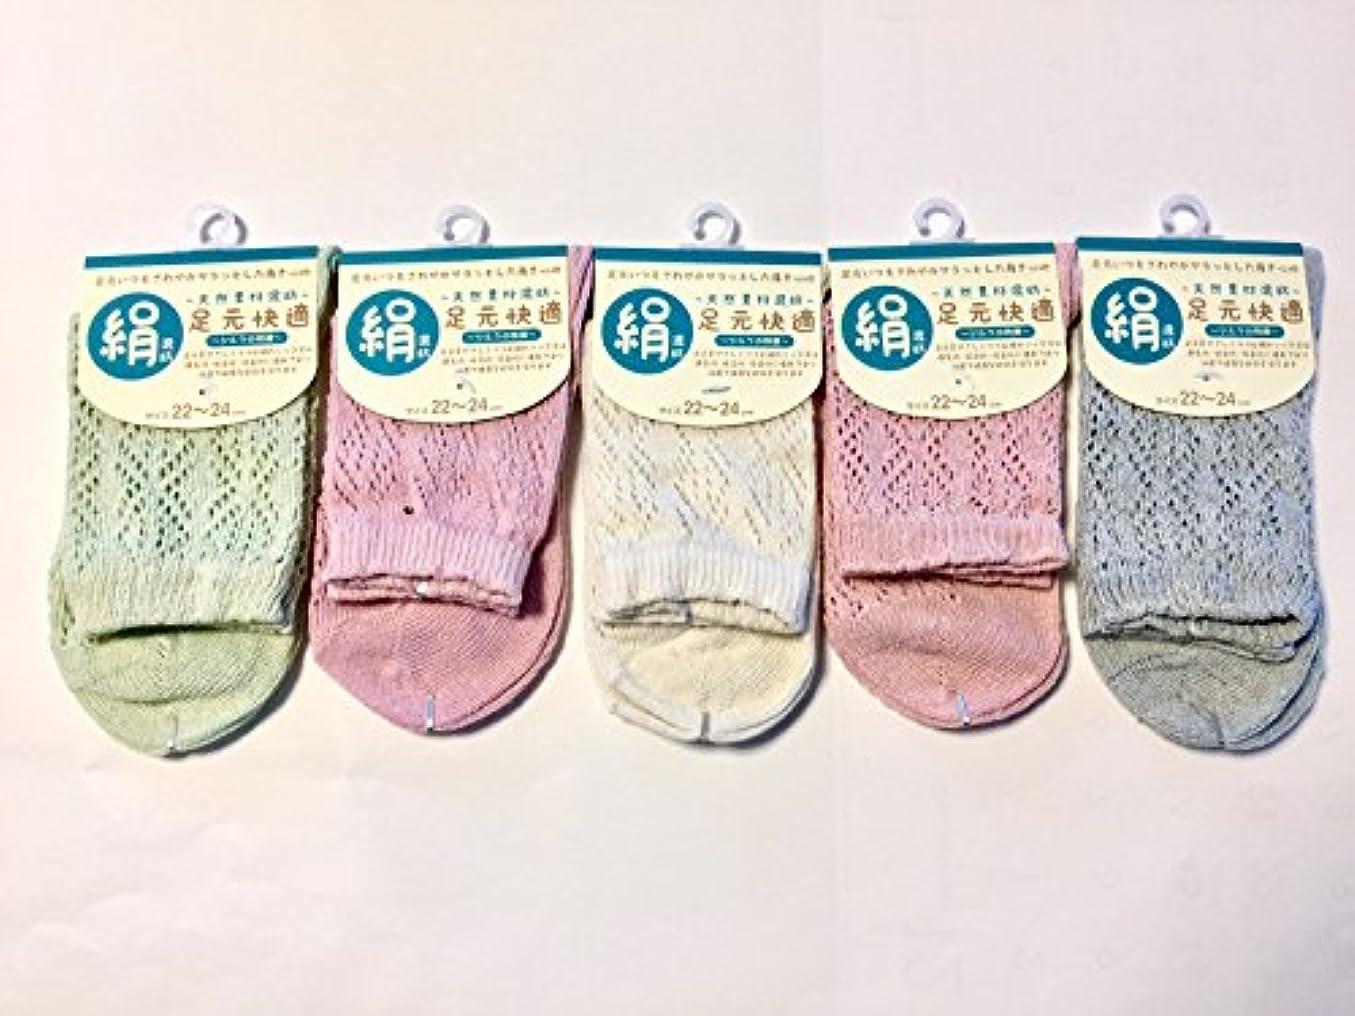 複雑パイ押し下げる靴下 レディース 絹混 涼しいルミーソックス おしゃれ手編み風 5色5足組